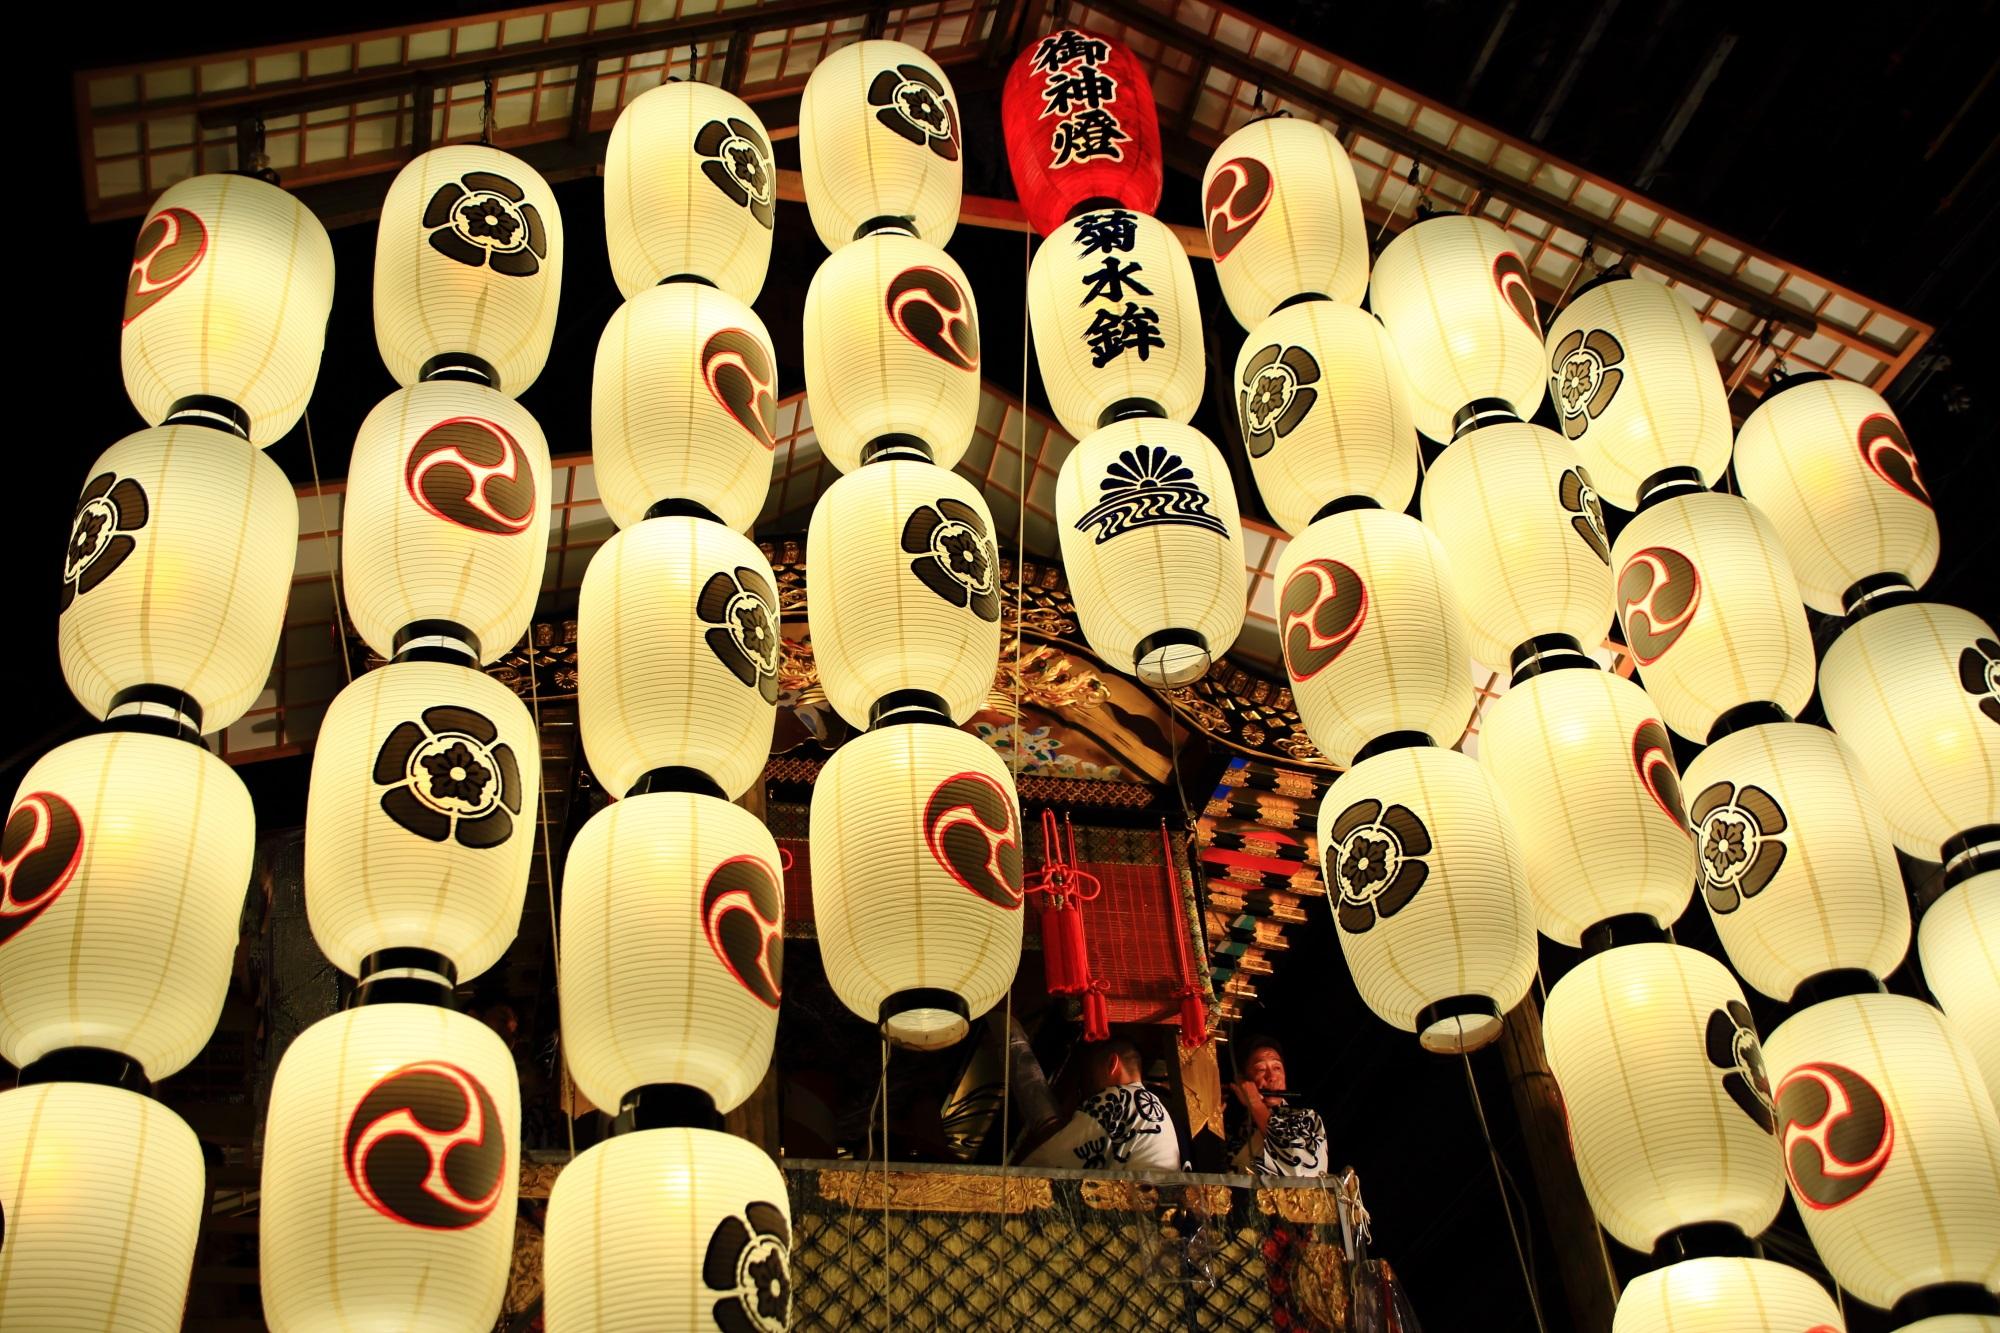 祇園祭の風情ある駒形提灯